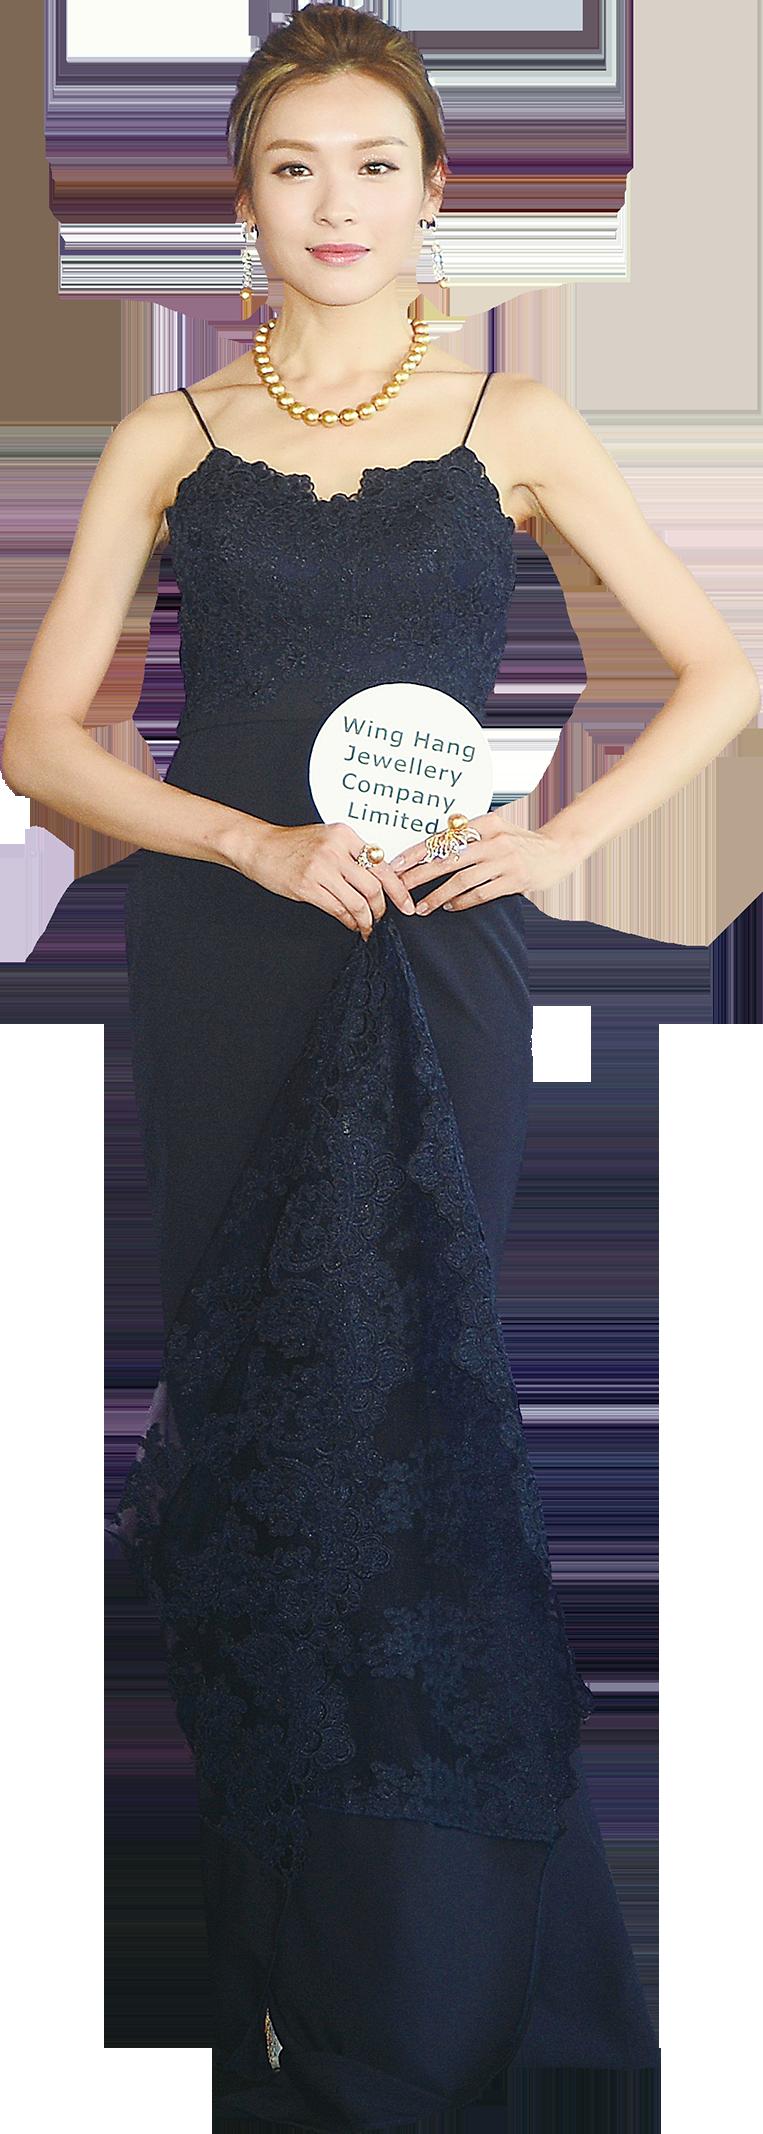 李佳芯演繹耀目璀璨獲獎珠寶   優雅氣質與眾不同